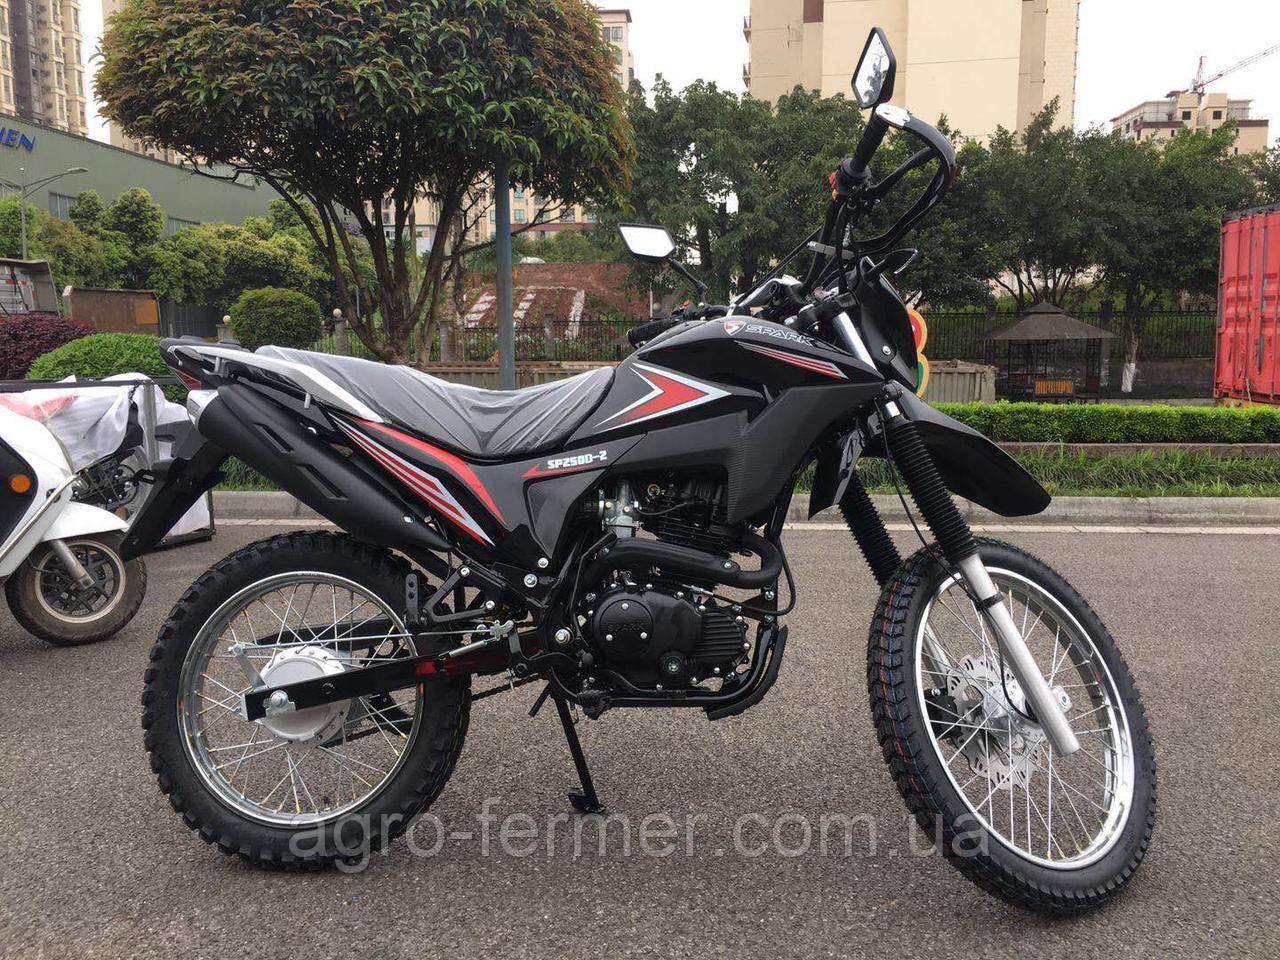 Мотоцикл Spark SP250D-2 (бесплатная доставка)